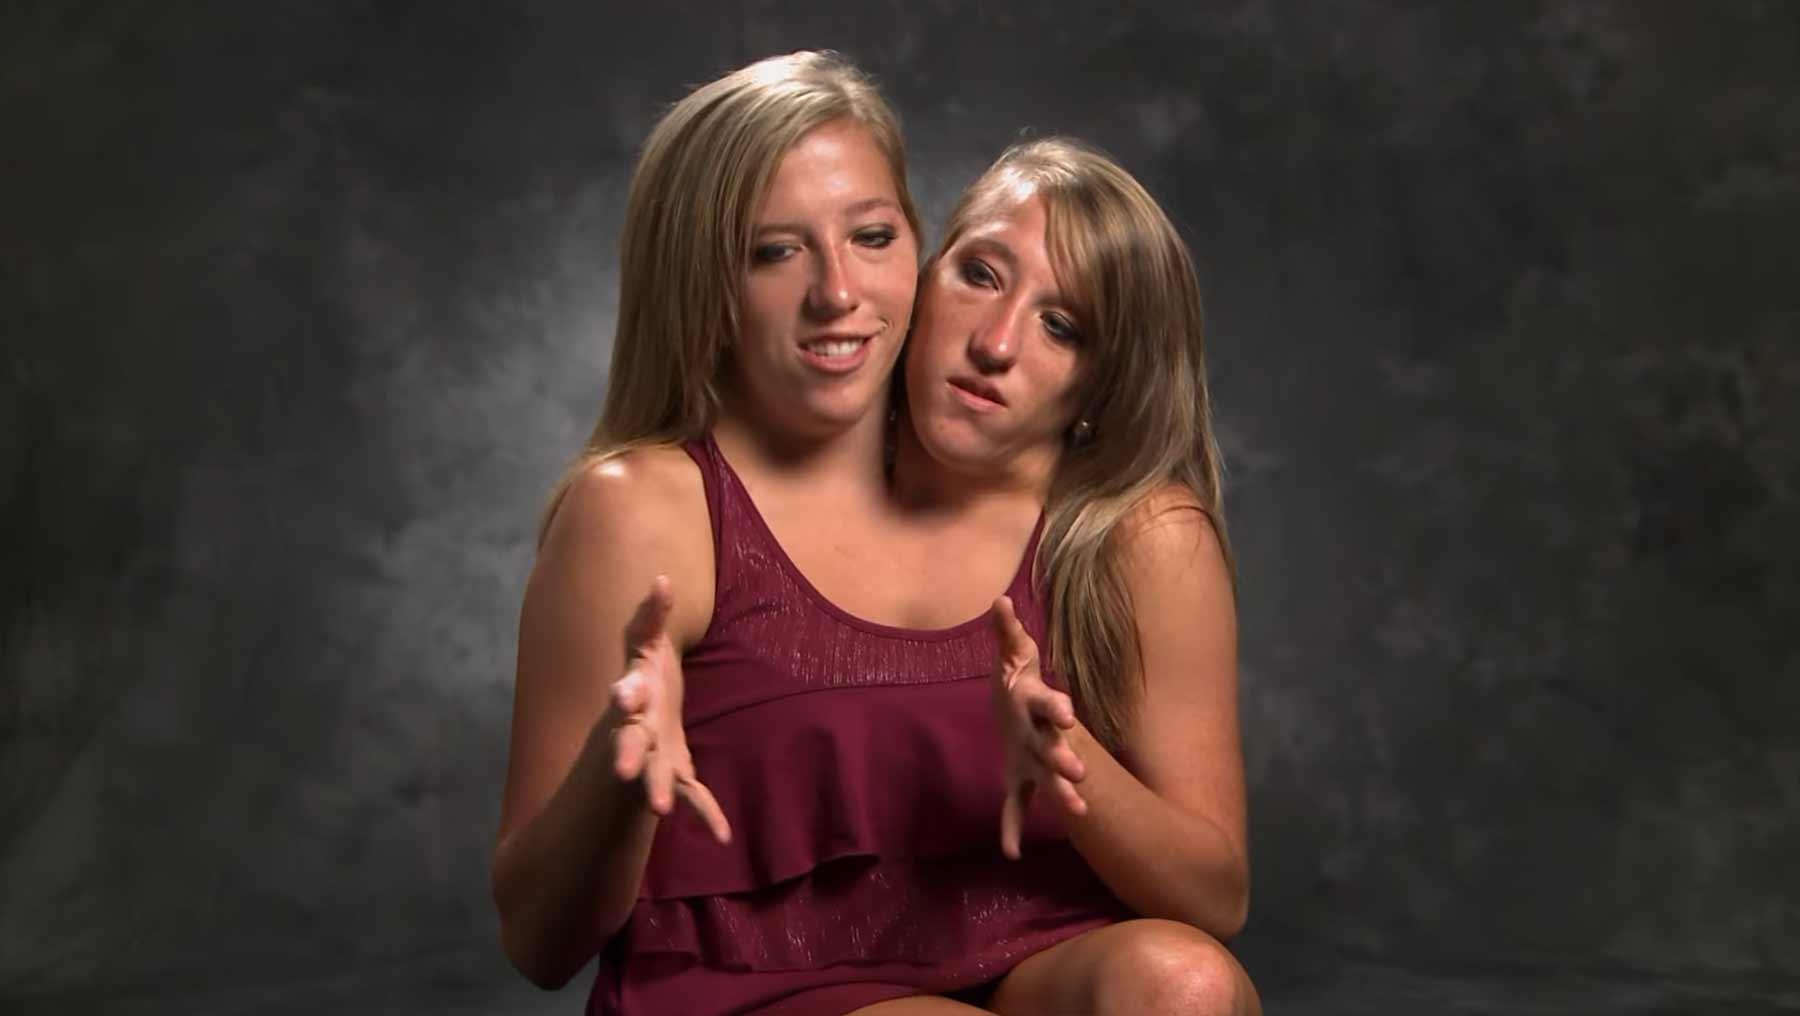 Das siamesische Zwillingspaar Abby und Britt